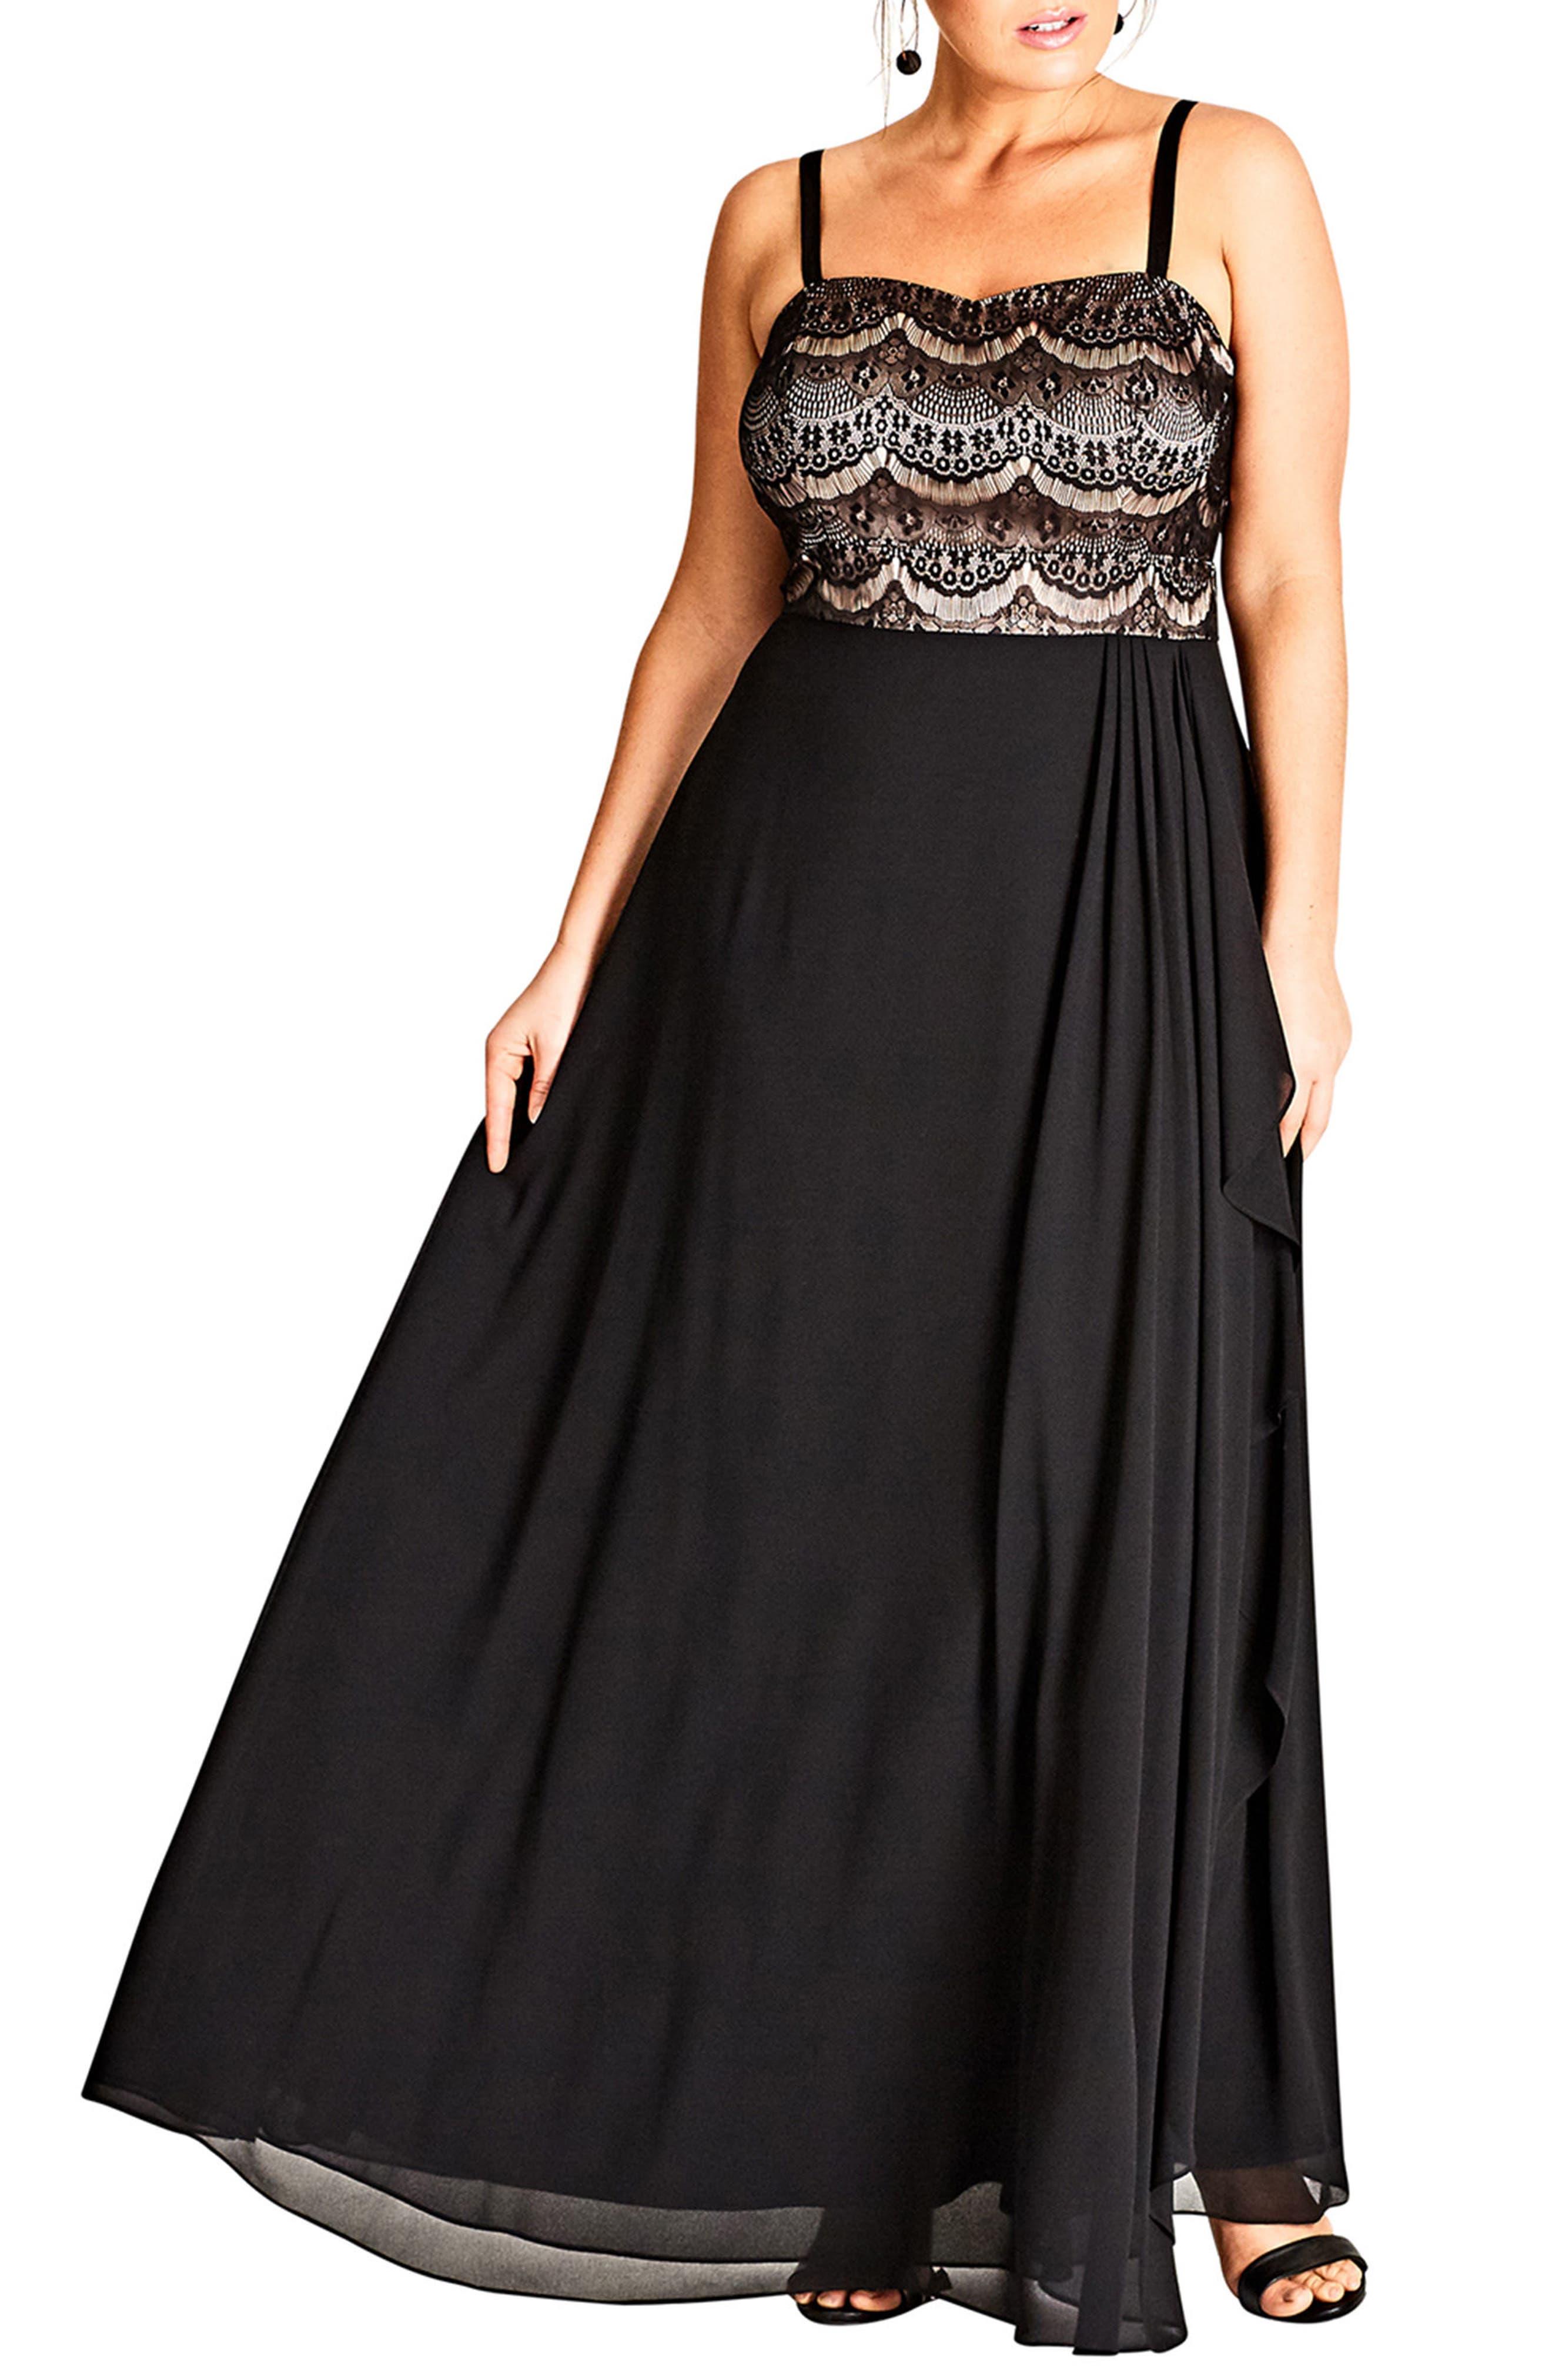 Main Image - City Chic Eyelash Ebony Lace & Chiffon Gown (Plus Size)